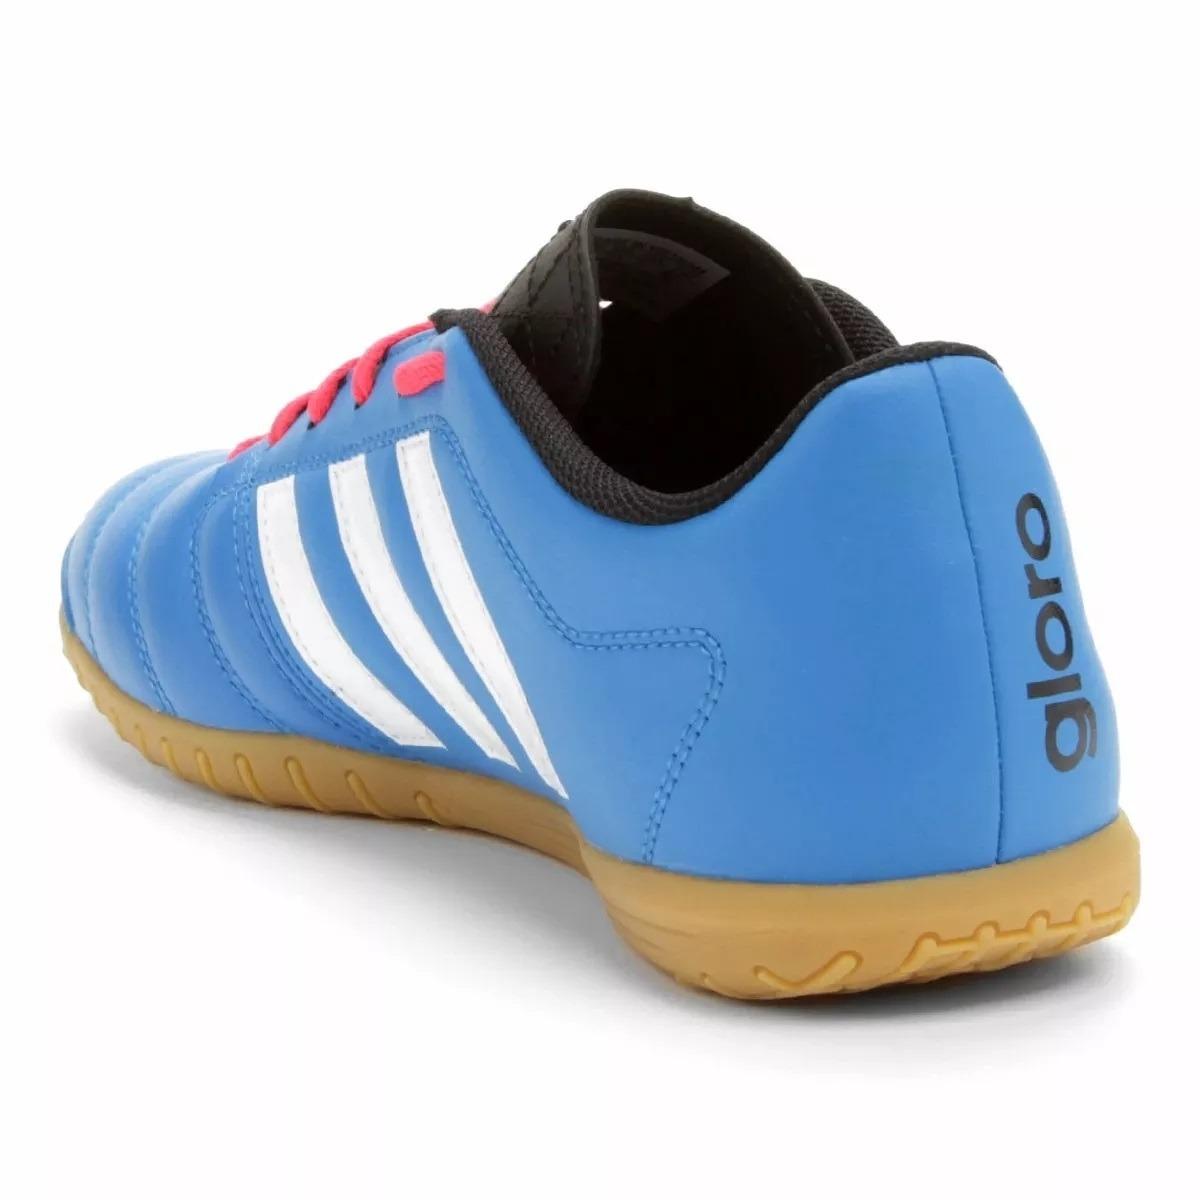 Chuteira adidas Gloro 16.2 - Futsal - Original - R  279 f3bac22020f11